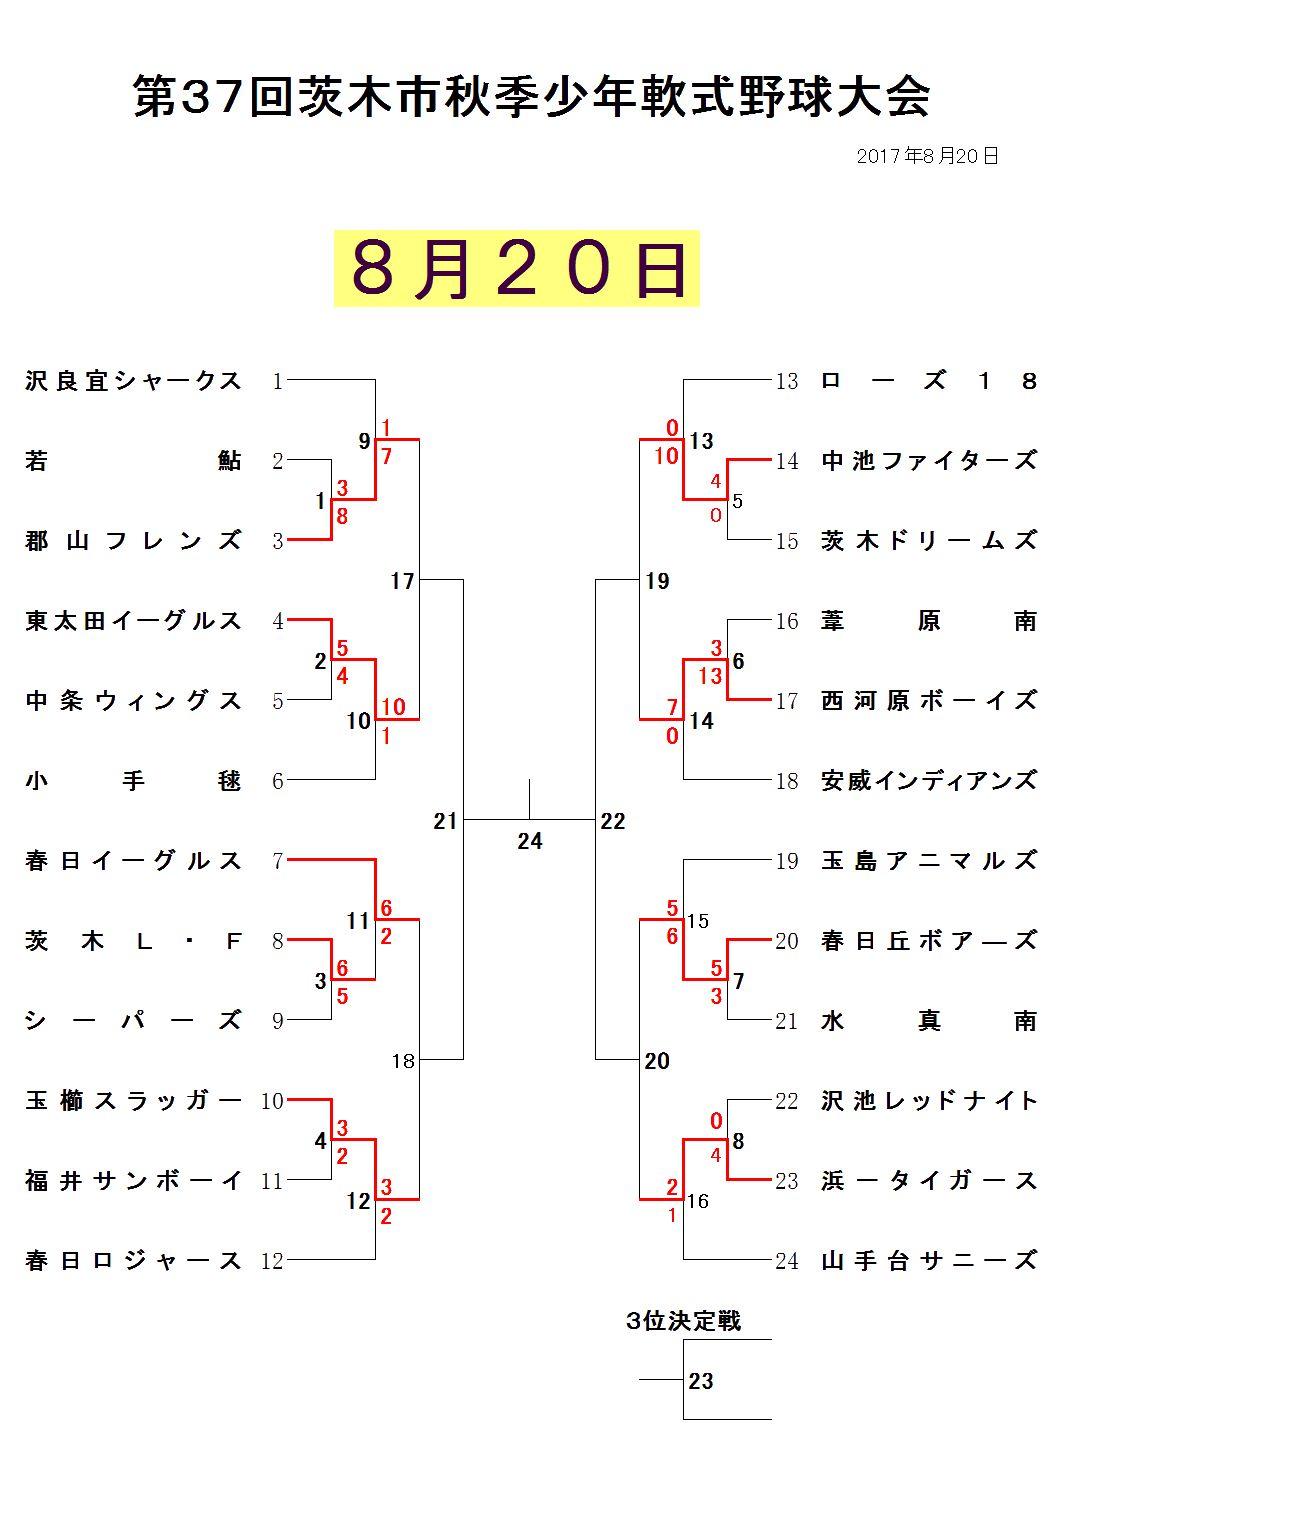 8月20日試合結果 学童秋季大会